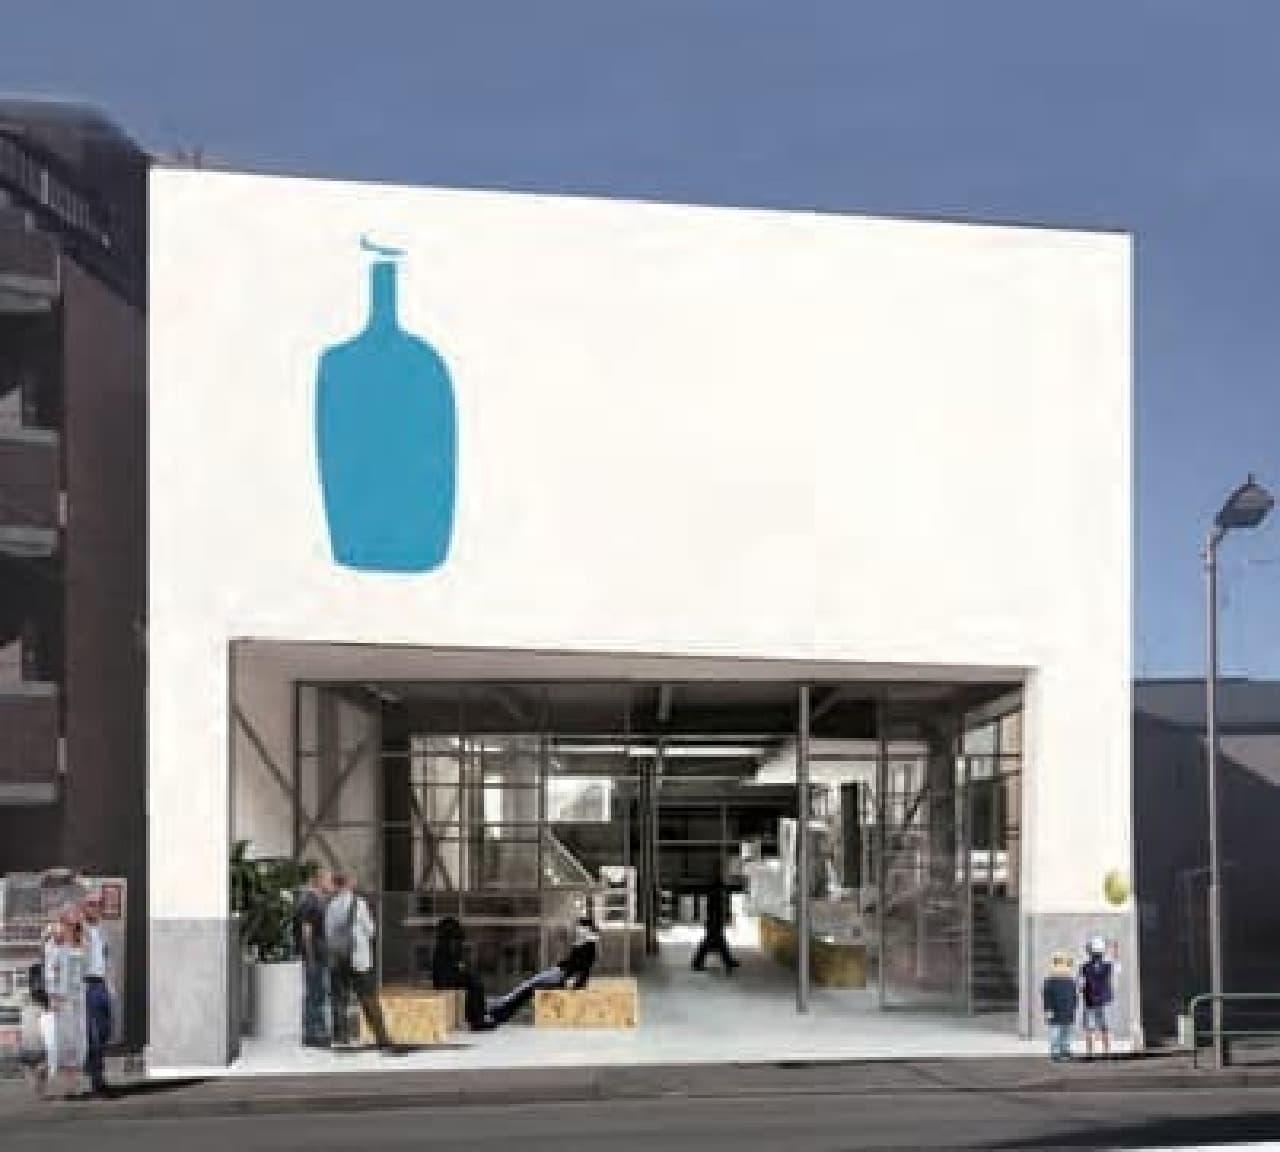 青いボトルのシルエットがトレードマーク